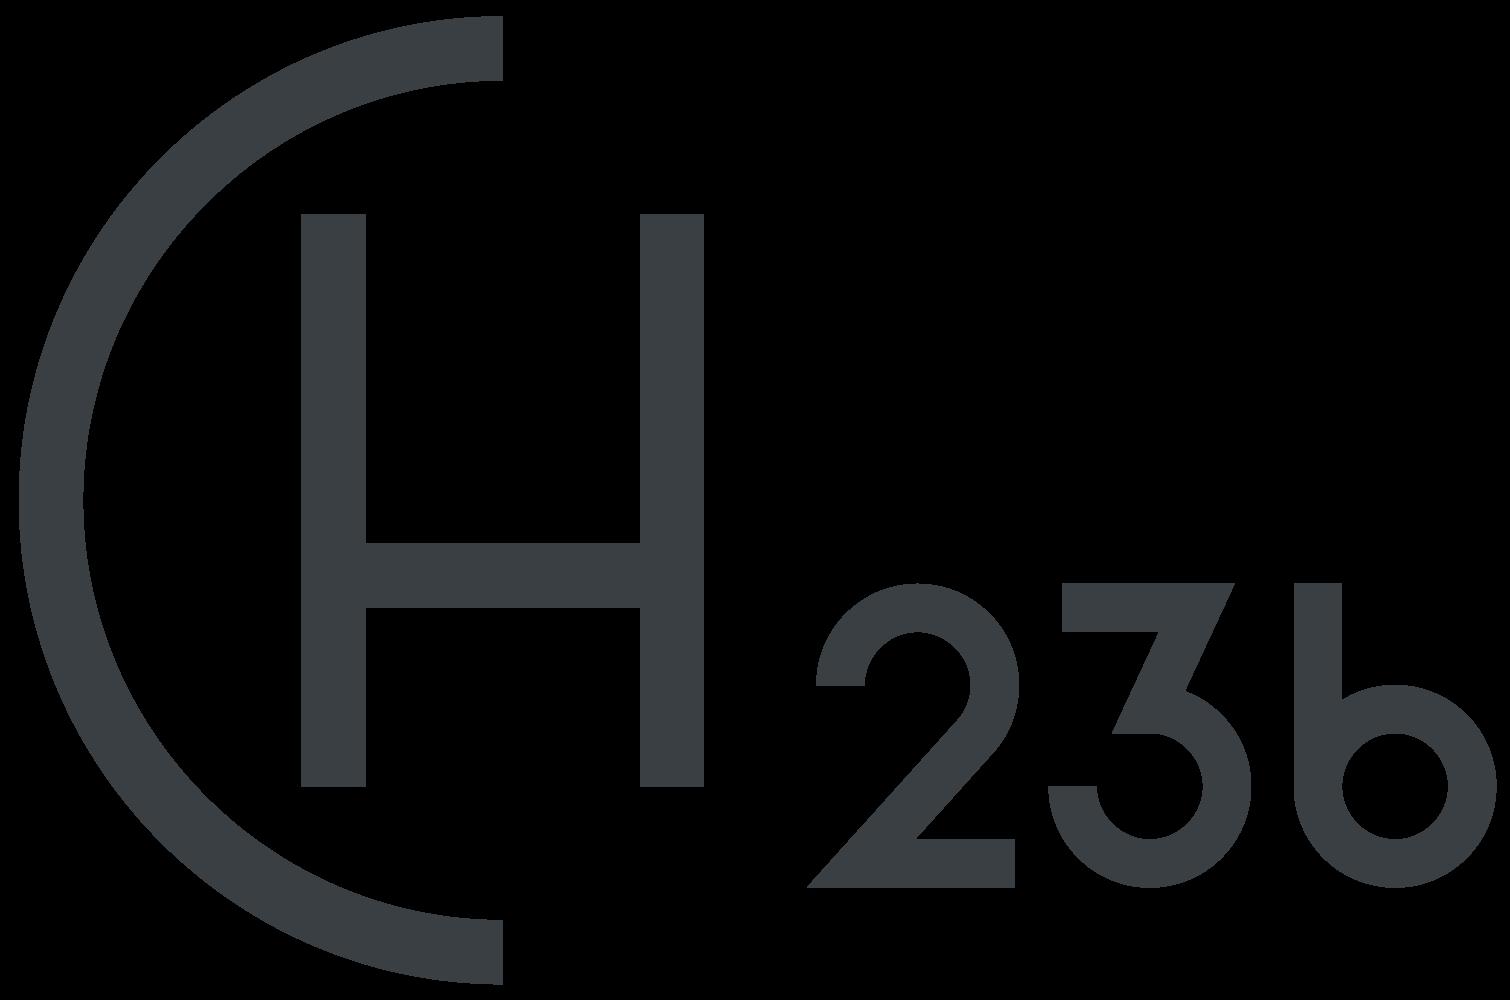 ch23b